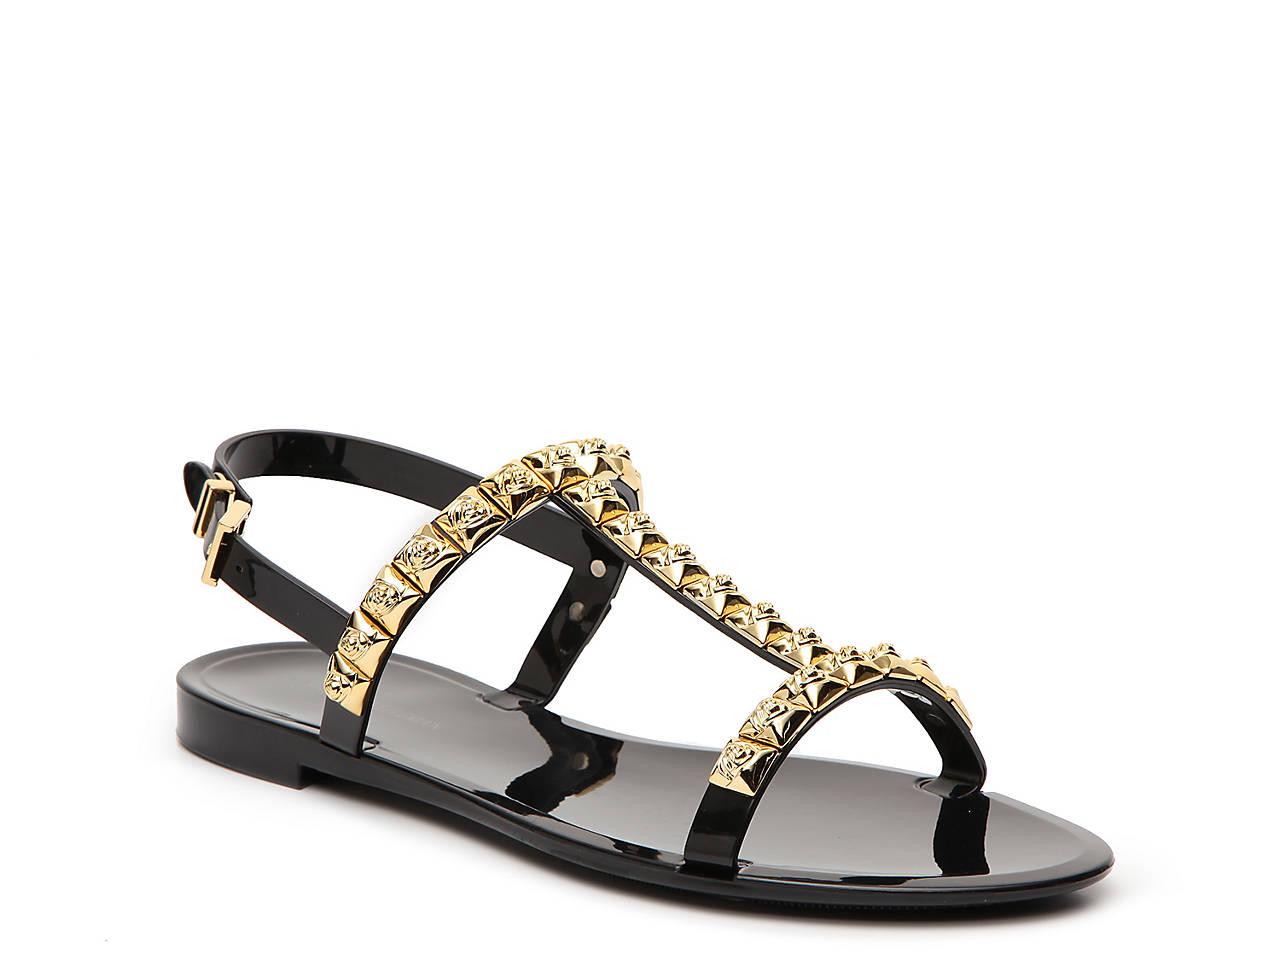 6788e3e1ba00 Stuart Weitzman Jelrose Sandal Women s Shoes